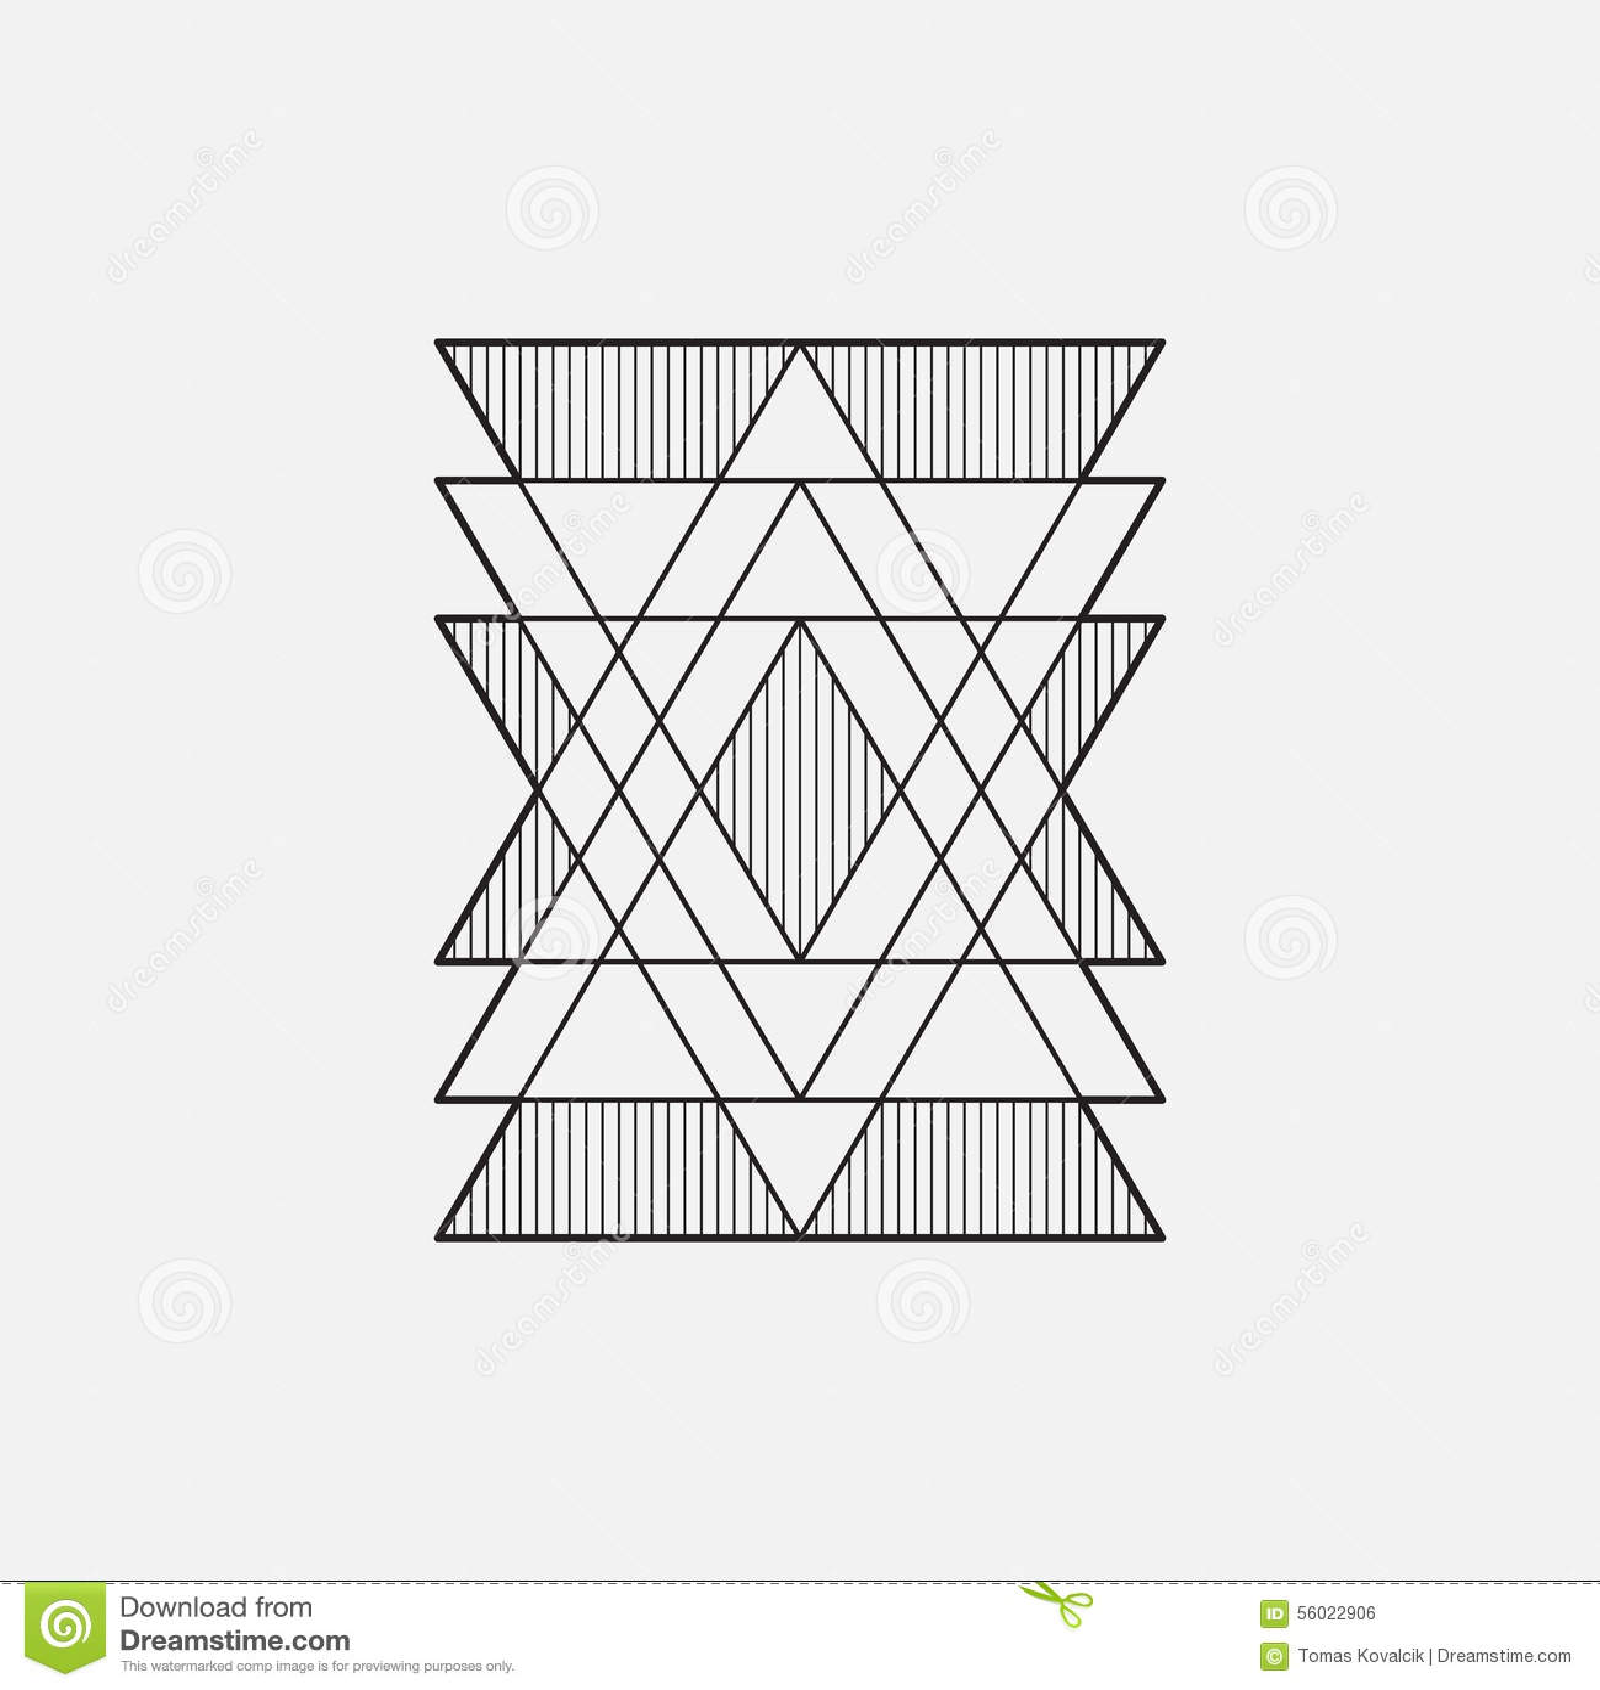 Современный геометрический символ, линия дизайн, вектор, треугольники